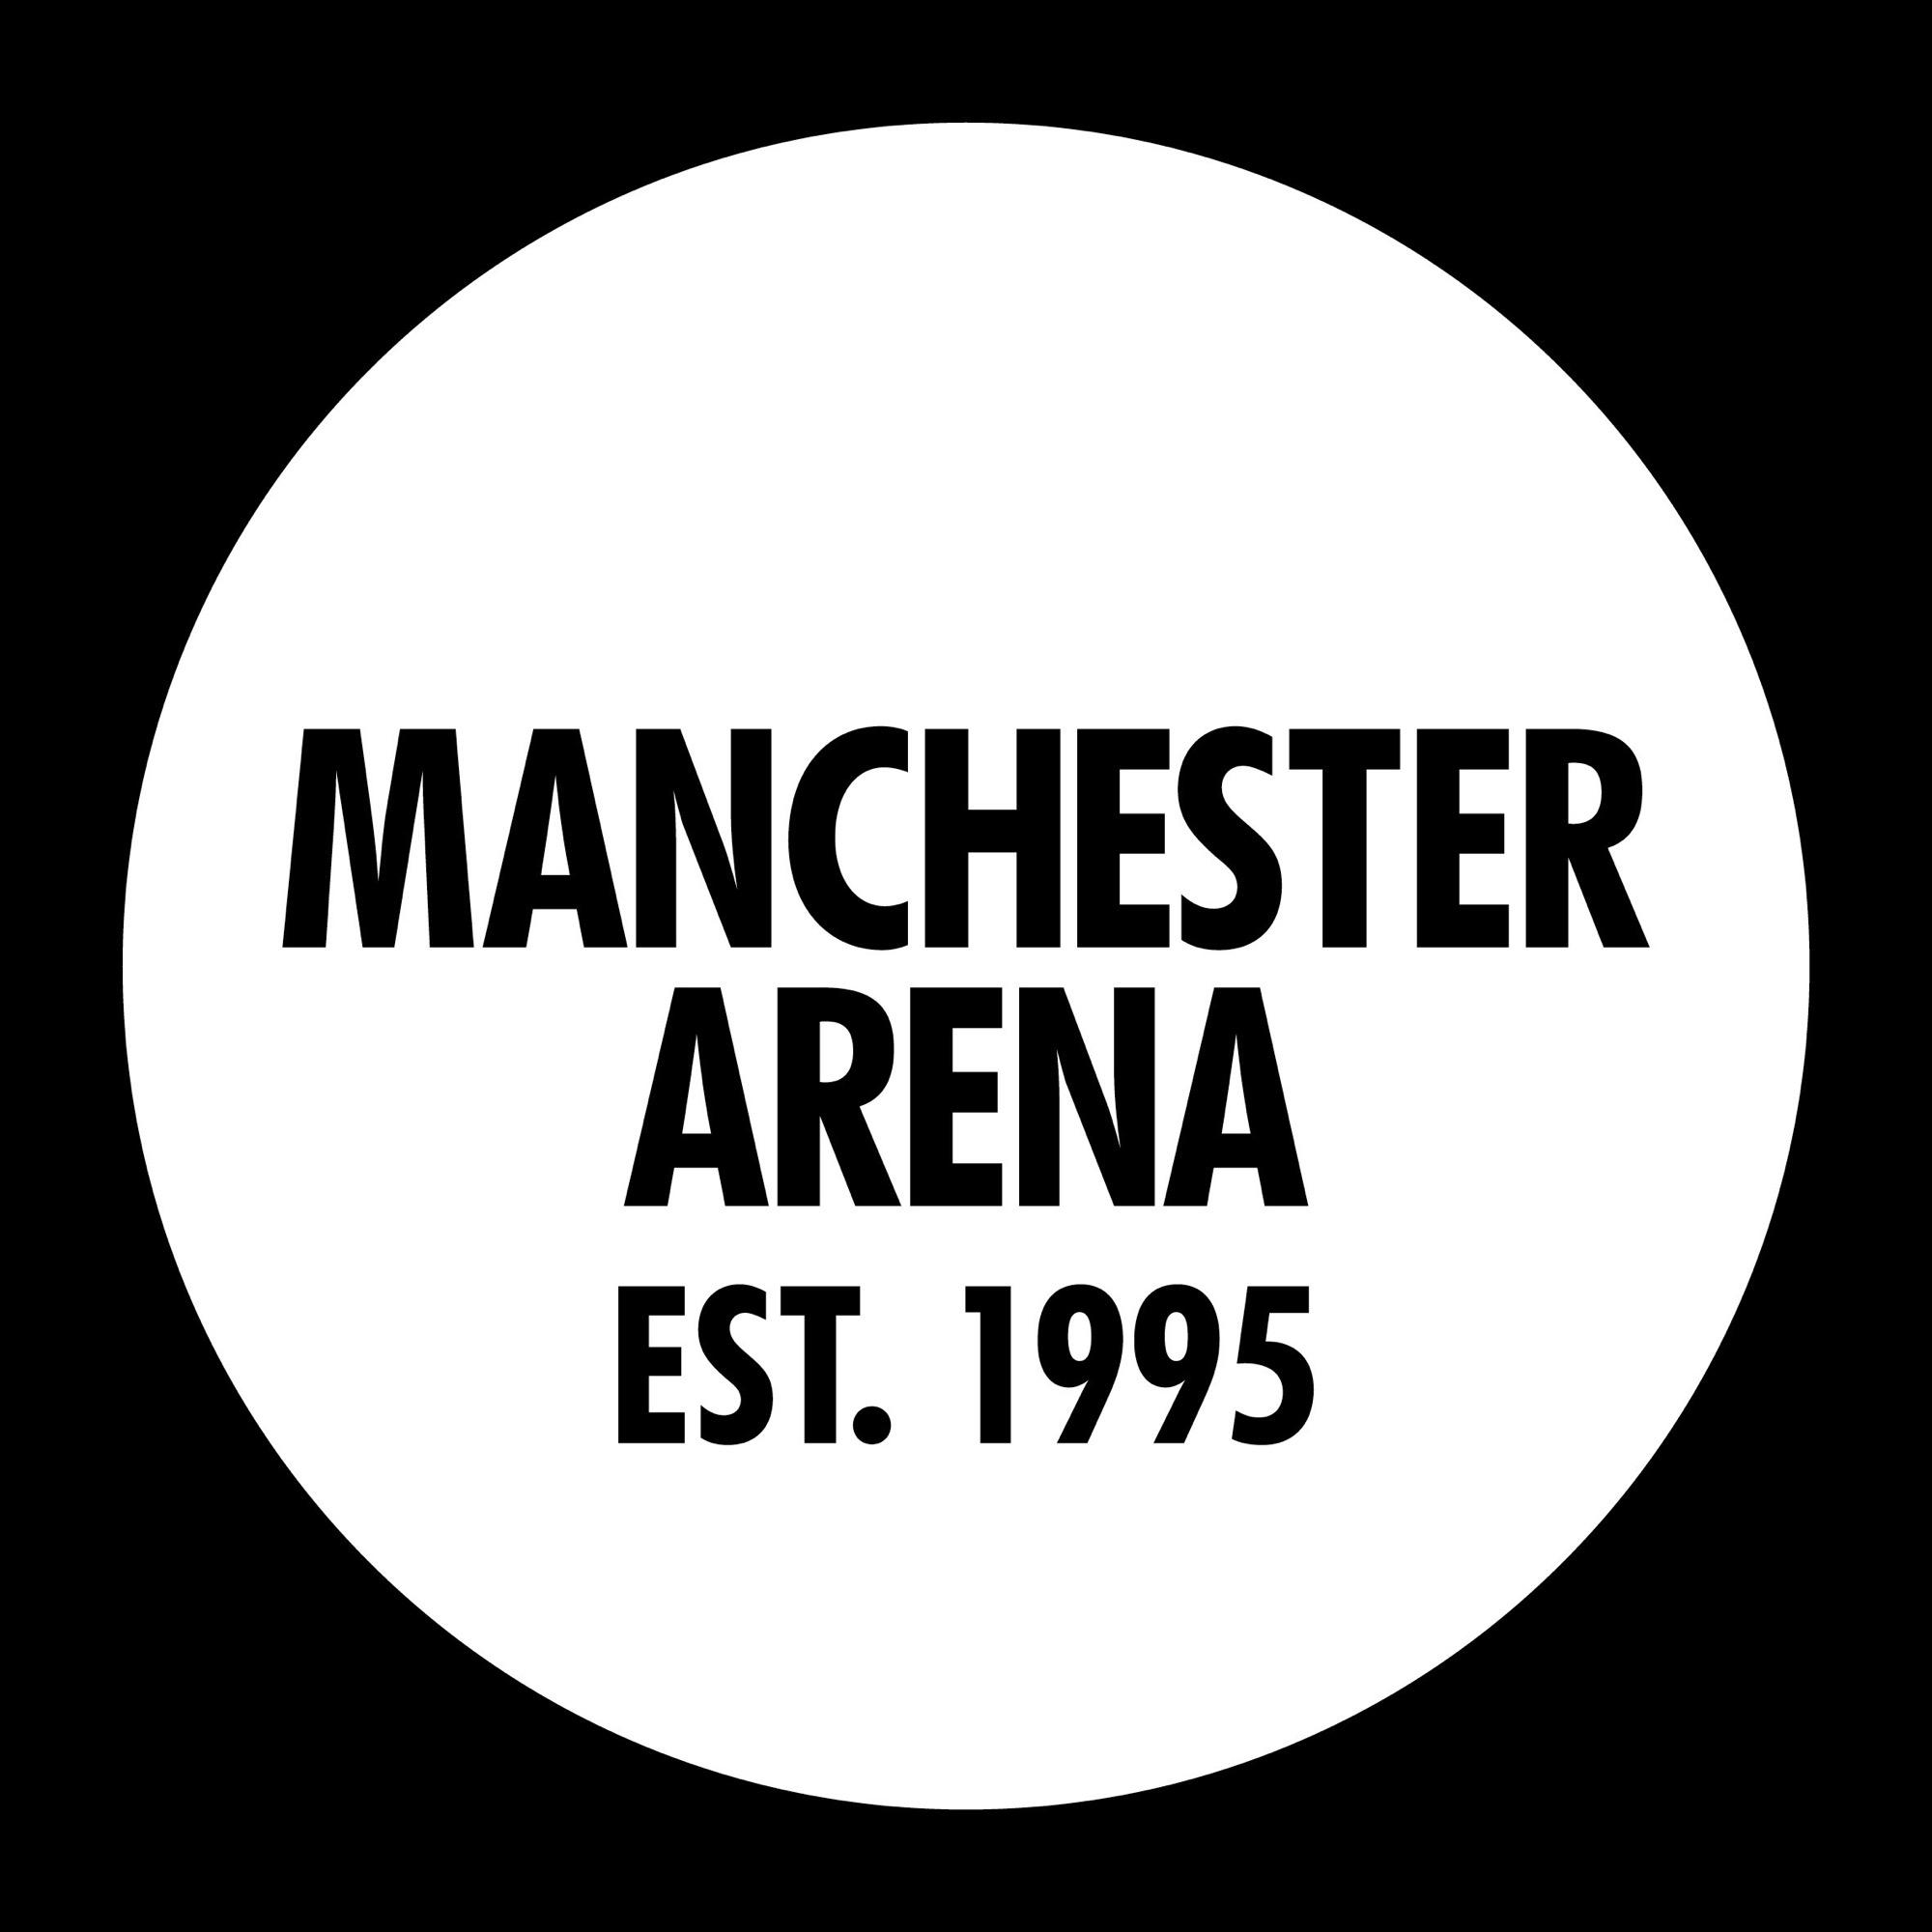 Manchester_Arena_logo_black_on_white.jpg